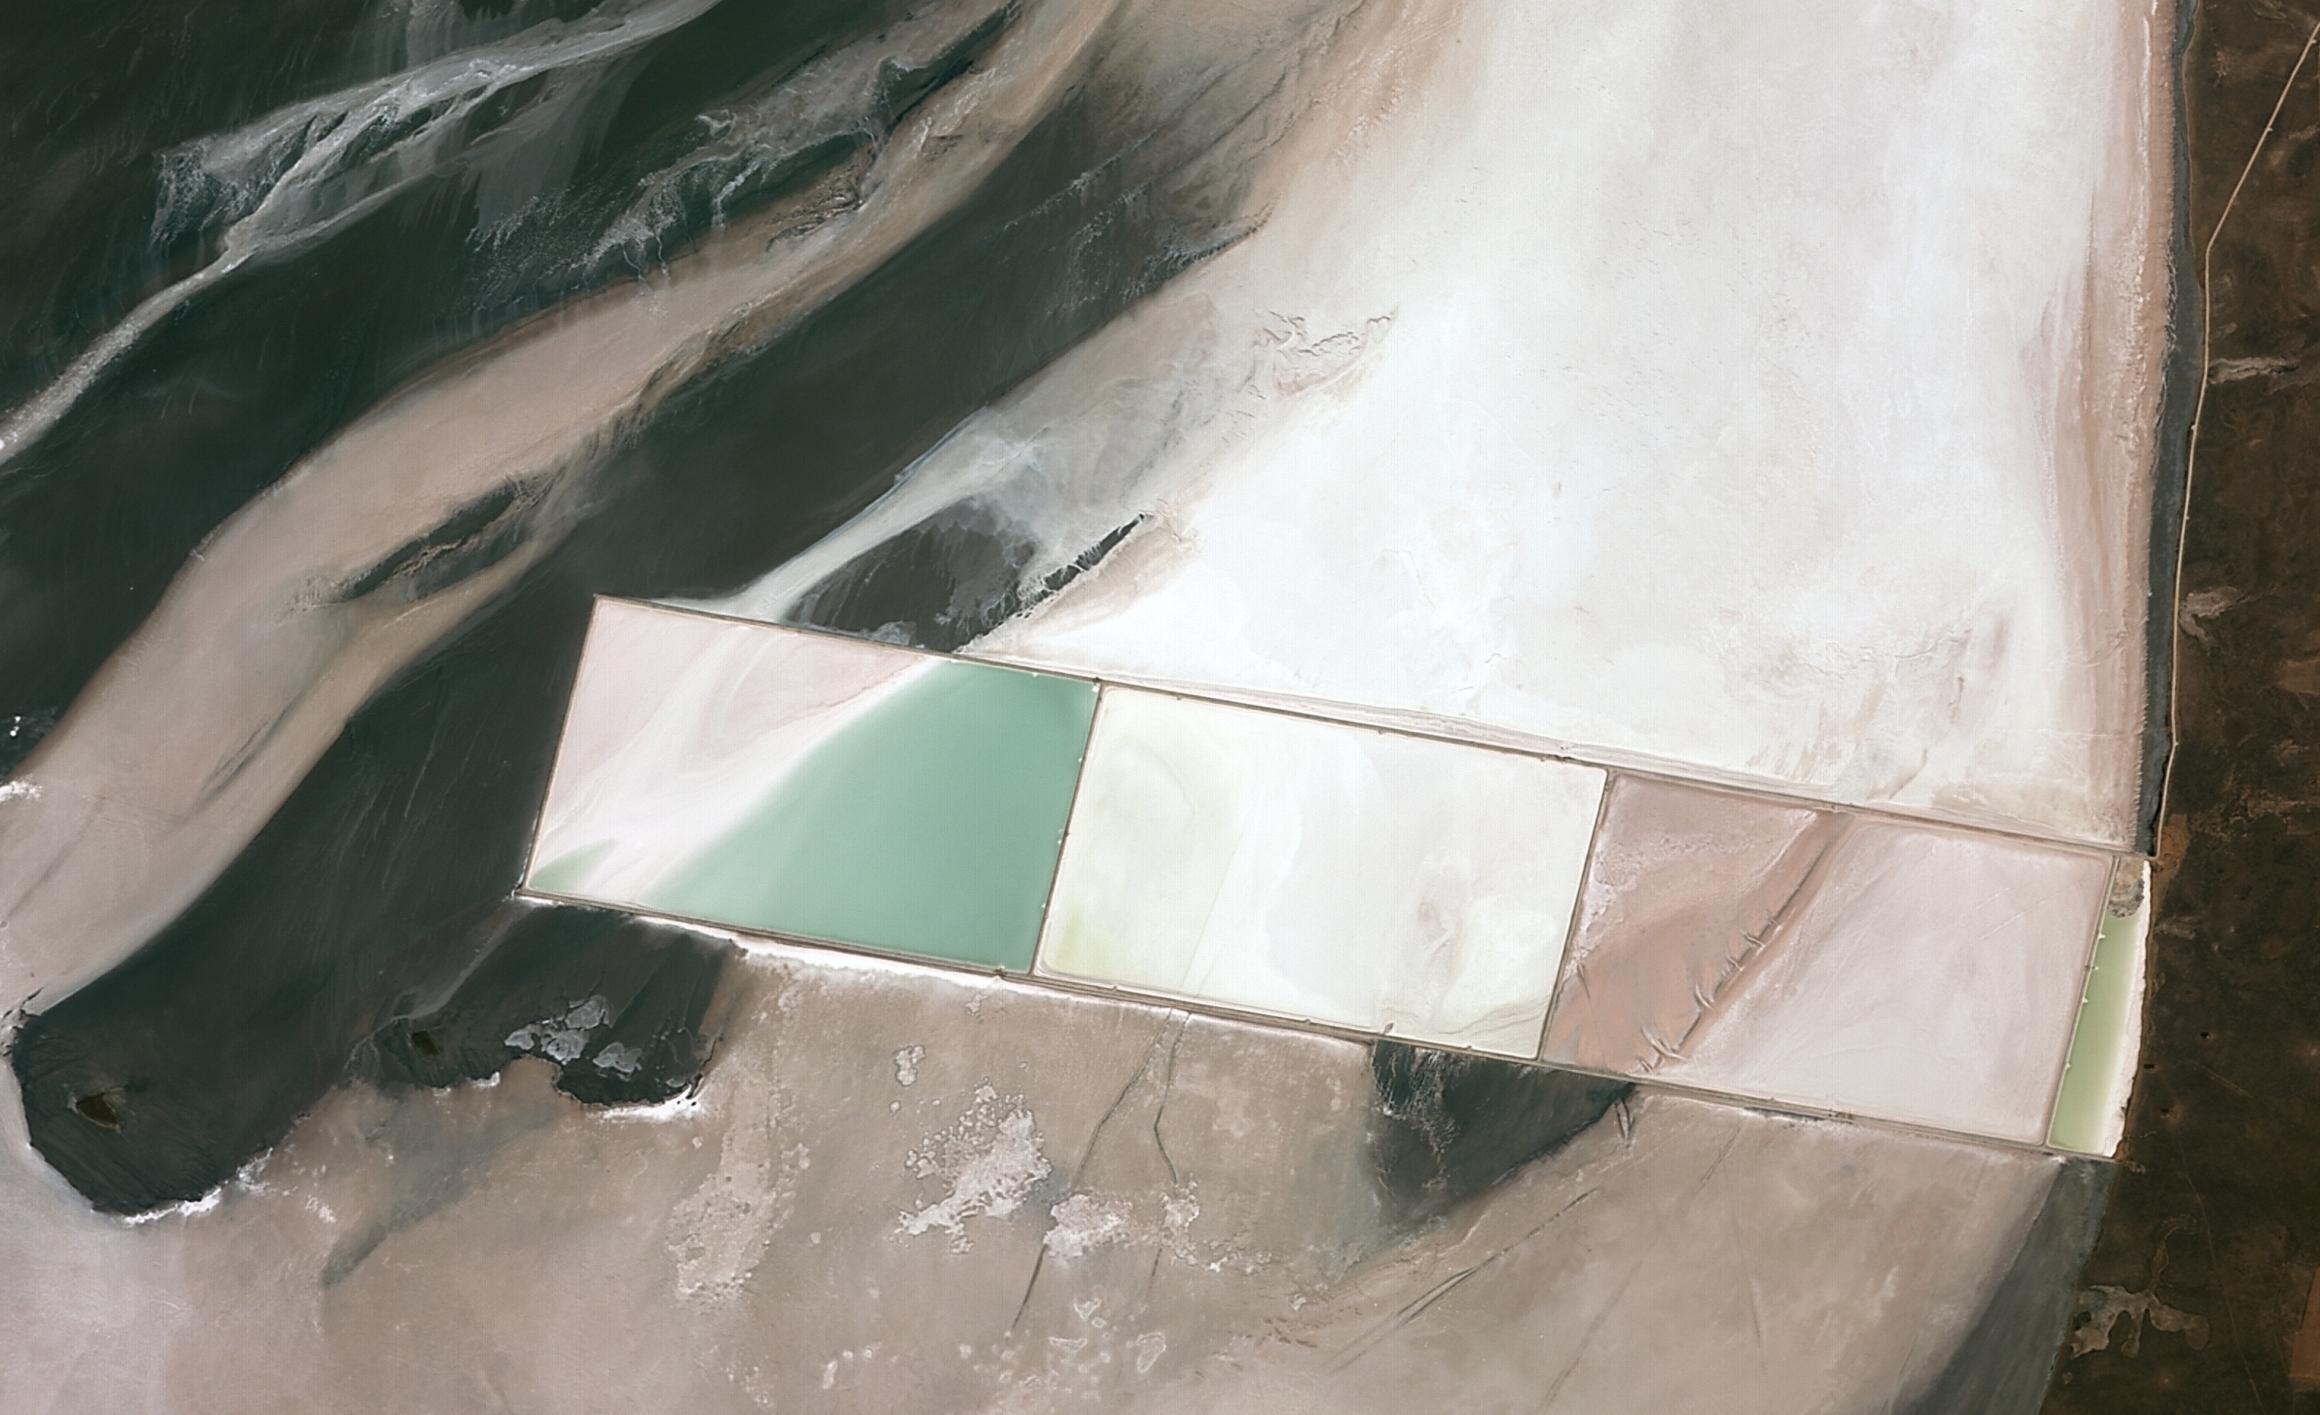 Göktürk-2 Tuz Gölü 11 Ağustos 2016